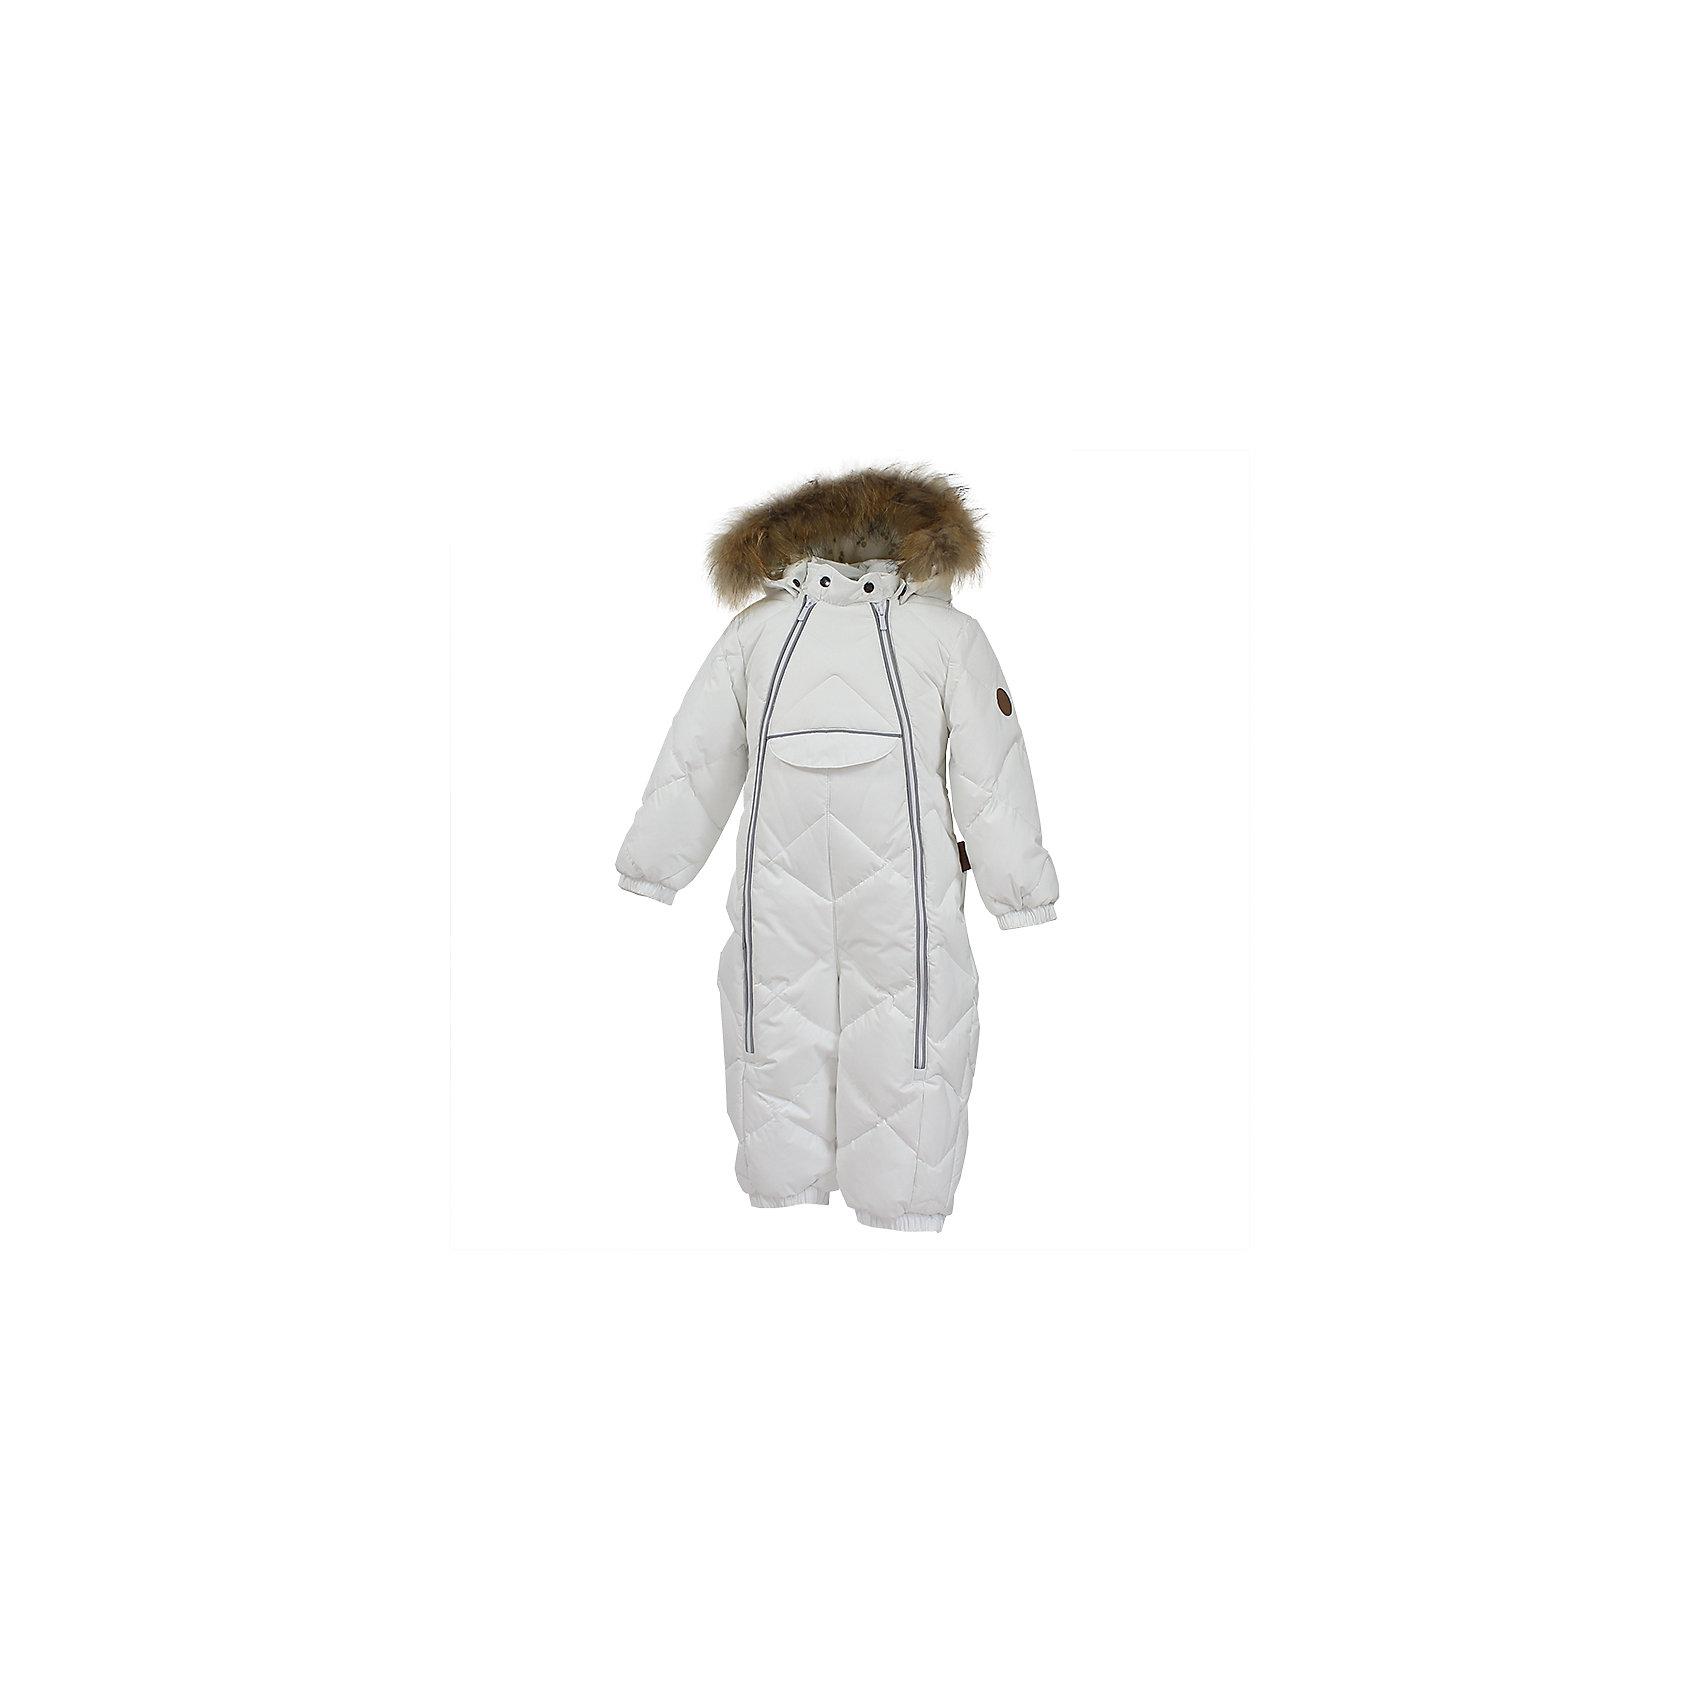 Конверт BEATA 1 HuppaВерхняя одежда<br>Характеристики товара:<br><br>• модель: Beata 1;<br>• цвет: белый;<br>• состав: 100% полиэстер;<br>• утеплитель: 50% пух, 50% перо.;<br>• подкладка: фланель,100% хлопок;<br>• сезон: зима;<br>• температурный режим: от - 5 до - 30С;<br>• водонепроницаемость: 5000 мм;<br>• воздухопроницаемость: 5000 г/м2/24ч;<br>• влагоустойчивая и дышащая ткань верхнего слоя изделияпозволяет сохранить внутри собственное тепло ребенка и препятствует попаданию извне холодного воздуха;<br>• две длинные боковые молнии;<br>• безопасный капюшон крепится на кнопки и, при необходимости, отстегивается;<br>• натуральный мех на капюшоне съемный;<br>• потайной кармашек на груди;<br>• манжеты рукавов на резинке;<br>• манжеты рукавов с отворотом у размеров 62 - 80;<br>• у брючин отсутствуют внутренние швы;<br>• добавлены силиконовые штрипки;<br>• светоотражающие детали для безопасности ребенка;<br>• страна бренда: Финляндия;<br>• страна изготовитель: Эстония.<br><br>Детский комбинезон  Beata 1 выполнен из высококачественного полиэстера. Подкладка — из 100% хлопка ( фланель). <br><br>Модель дополнена съемным капюшоном с отстегивающимся мехом. Манжеты рукавов на резинке, манжеты рукавов с отворотом у размеров 62-80. Манжеты брюк на резинке. Добавлены силиконовые штрипки. Имеются светоотражательные детали.<br><br>Вы можете приобрести детский комбинезон Beata 1 бренда Huppa(Хуппа) в нашем интернет-магазине.<br><br>Ширина мм: 356<br>Глубина мм: 10<br>Высота мм: 245<br>Вес г: 519<br>Цвет: белый<br>Возраст от месяцев: 24<br>Возраст до месяцев: 36<br>Пол: Унисекс<br>Возраст: Детский<br>Размер: 98,62,68,74,80,86,92<br>SKU: 7025211